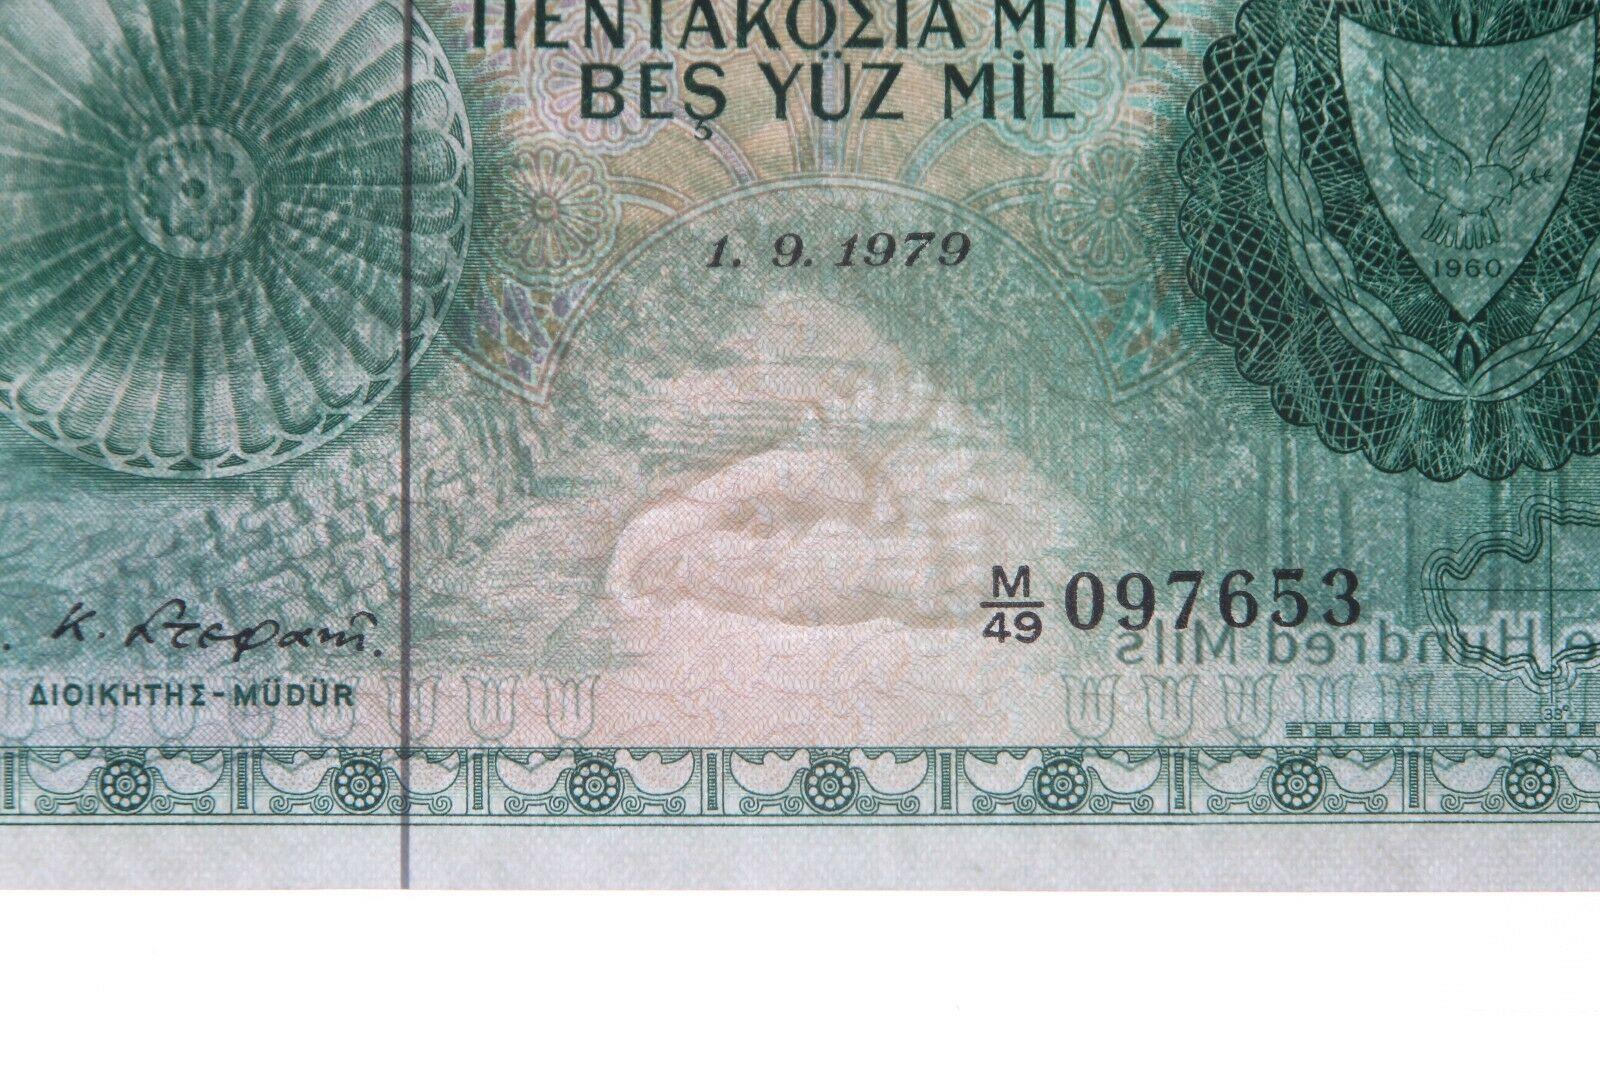 1979 Cyprus 500 Mil Graduado GU-65 Sn PMG Central Banco Gema que No Ha Circulado